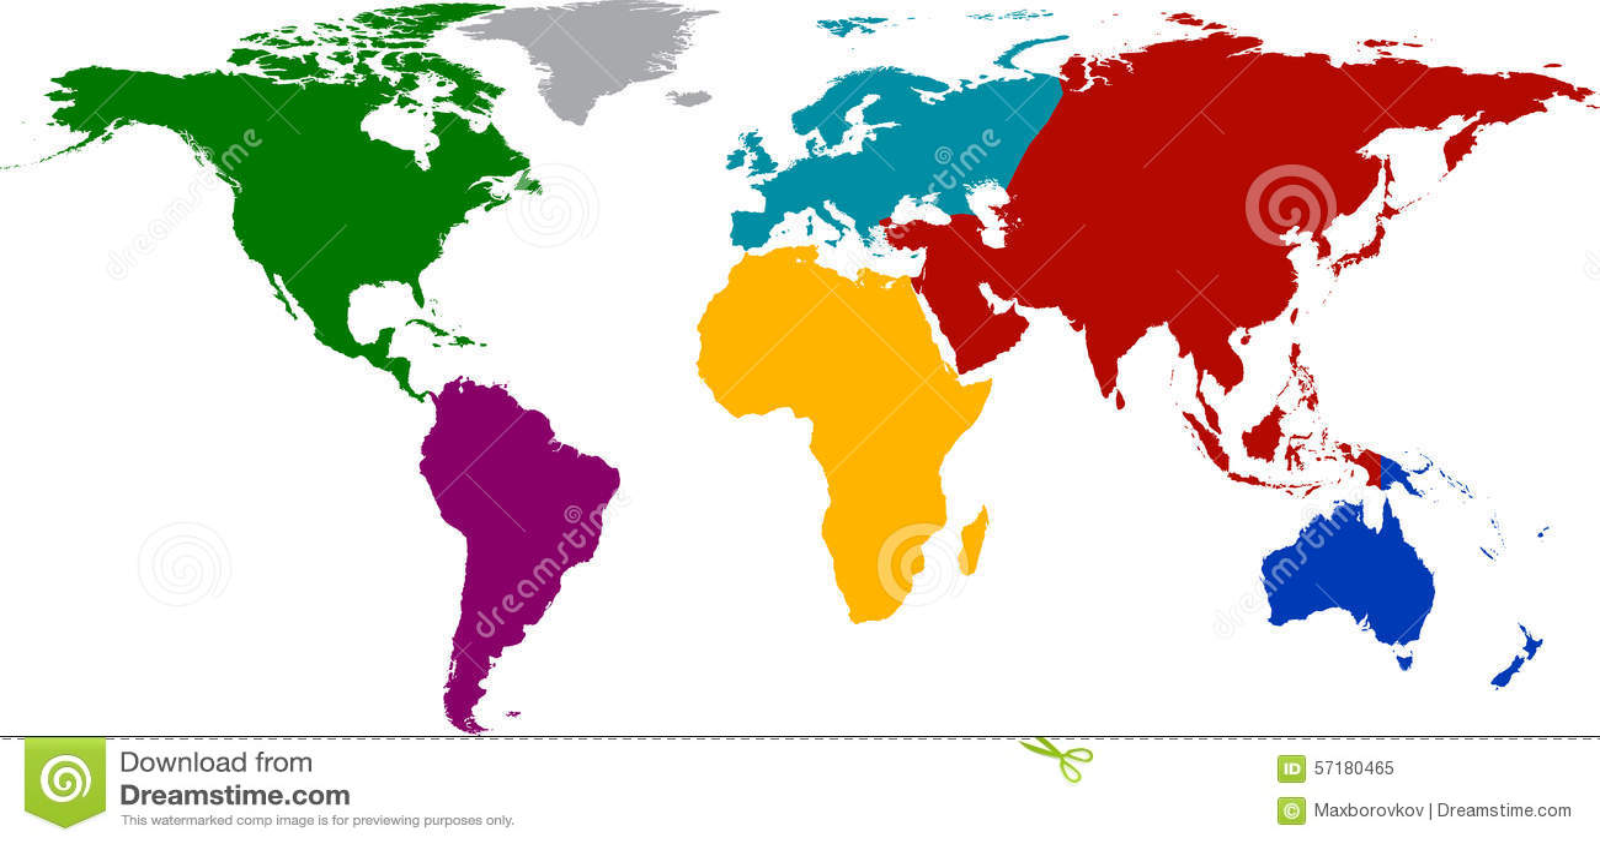 weltkarte mit farbigen kontinenten vektor abbildung illustration von gesch ft auslegung 57180465. Black Bedroom Furniture Sets. Home Design Ideas